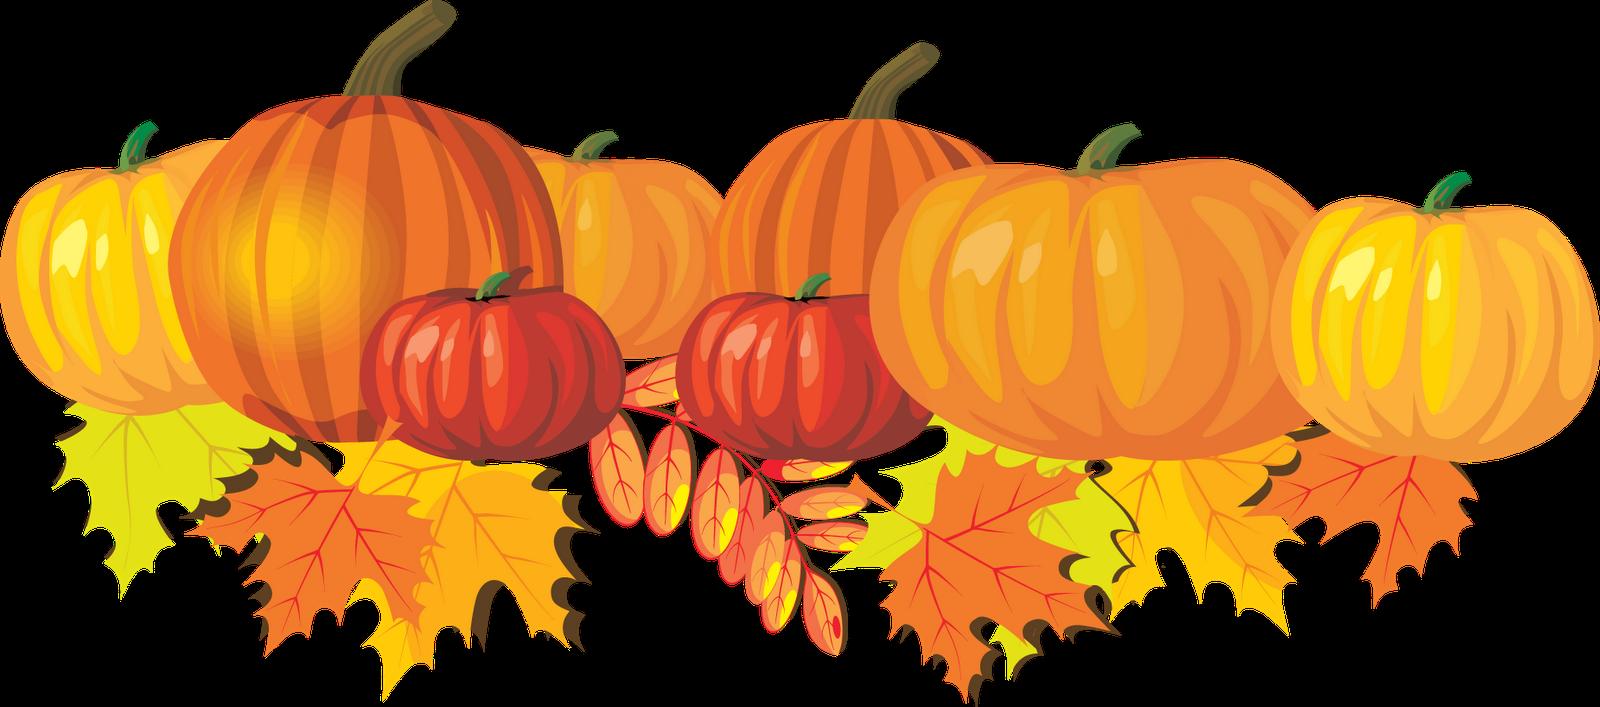 Pumpkin patch clipart 4